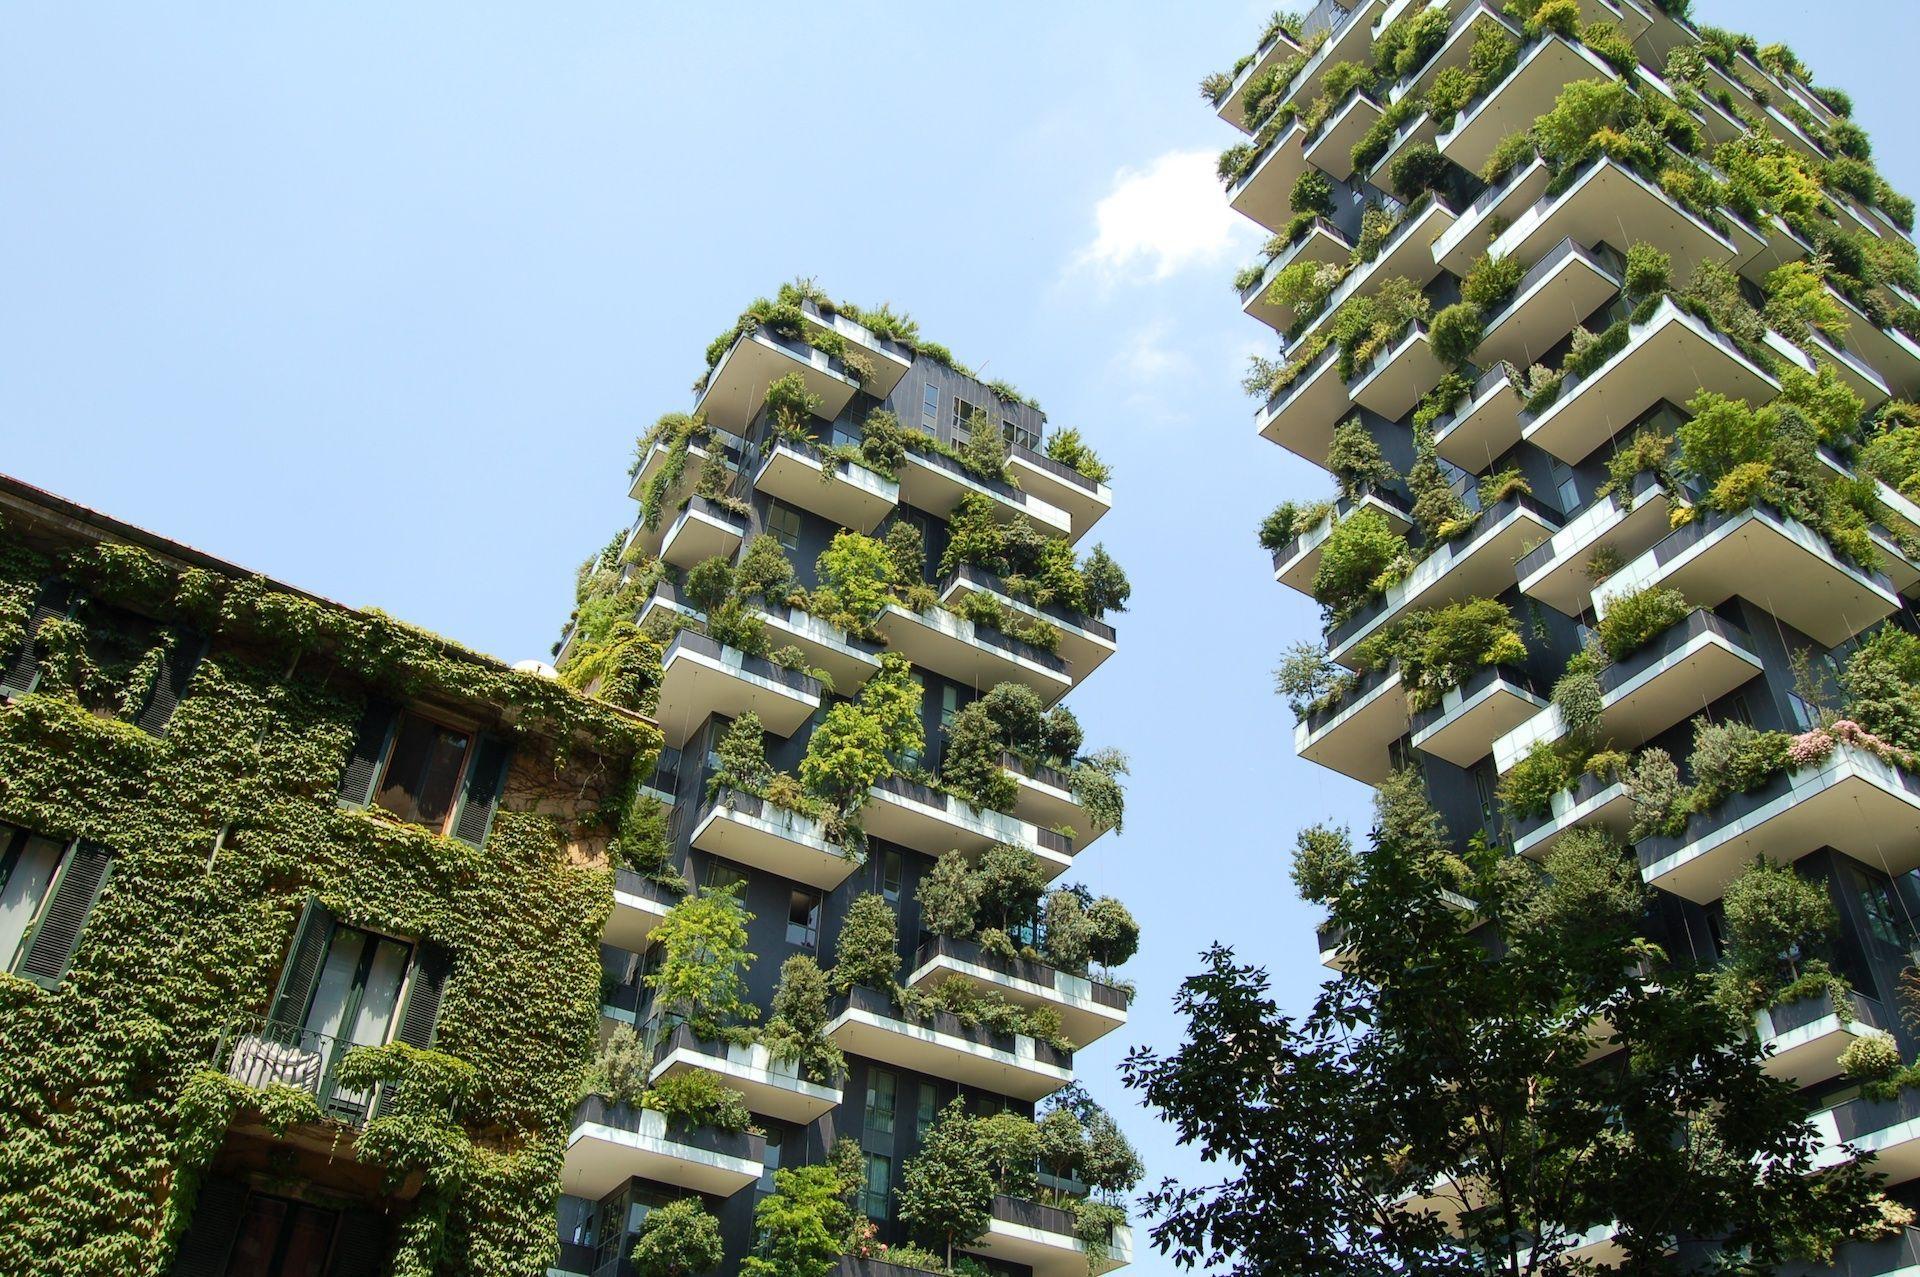 傳揚環保,建築名師Stefano Boeri在都市中創造一座垂直森林 Bosco Verticale